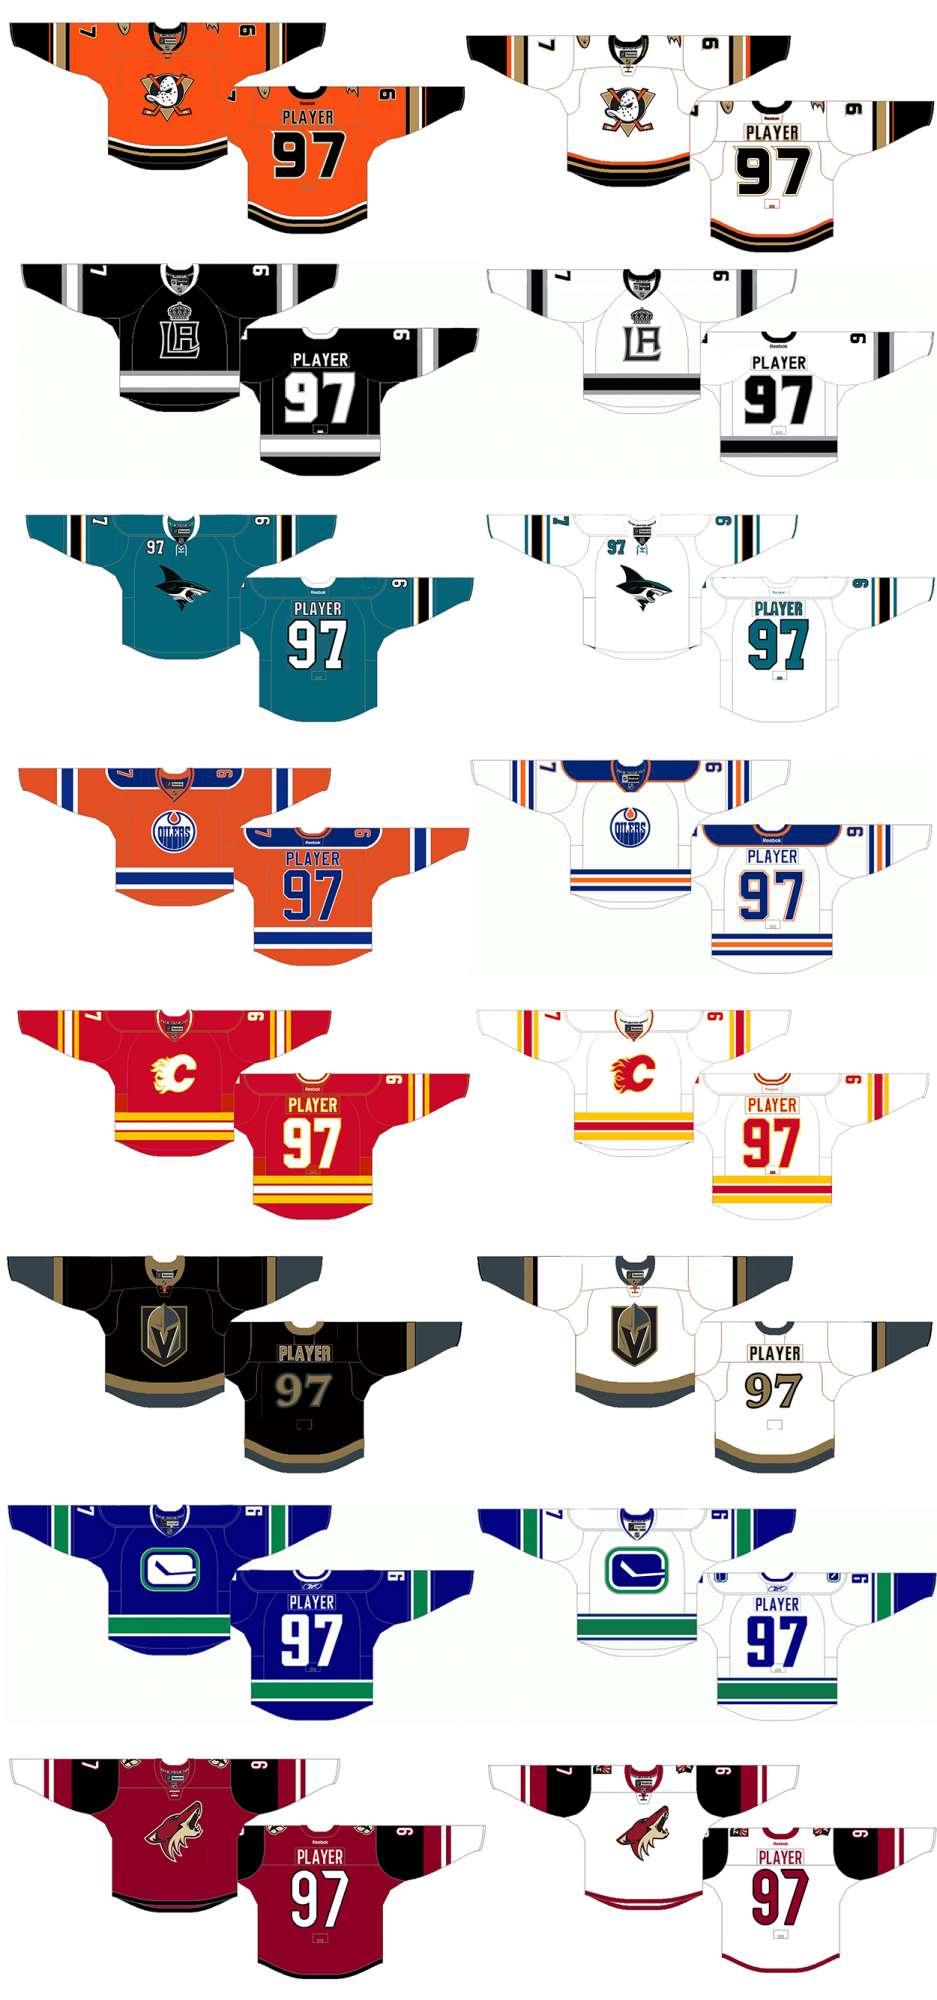 da4e74203 2017 NHL Adidas Uniform Logo Changes - Concepts - Chris Creamer s ...